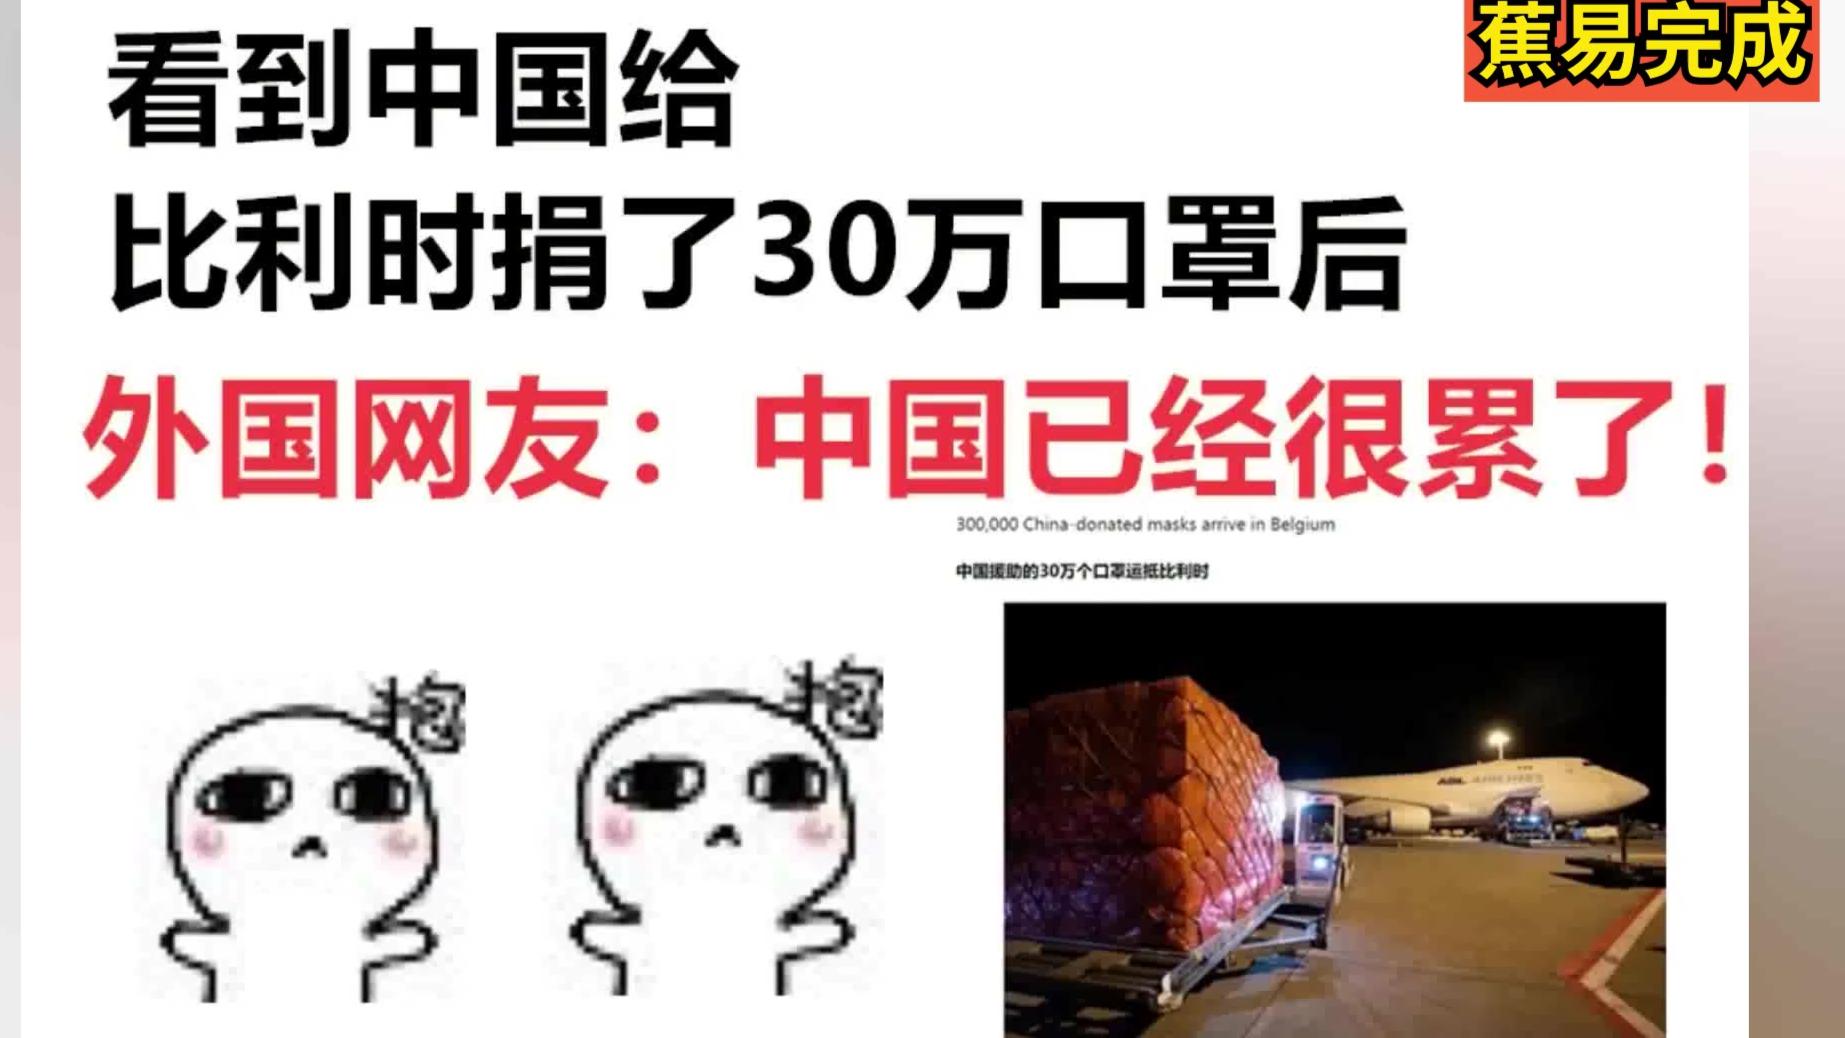 外国网友评论:【中国已经很累了】!!!